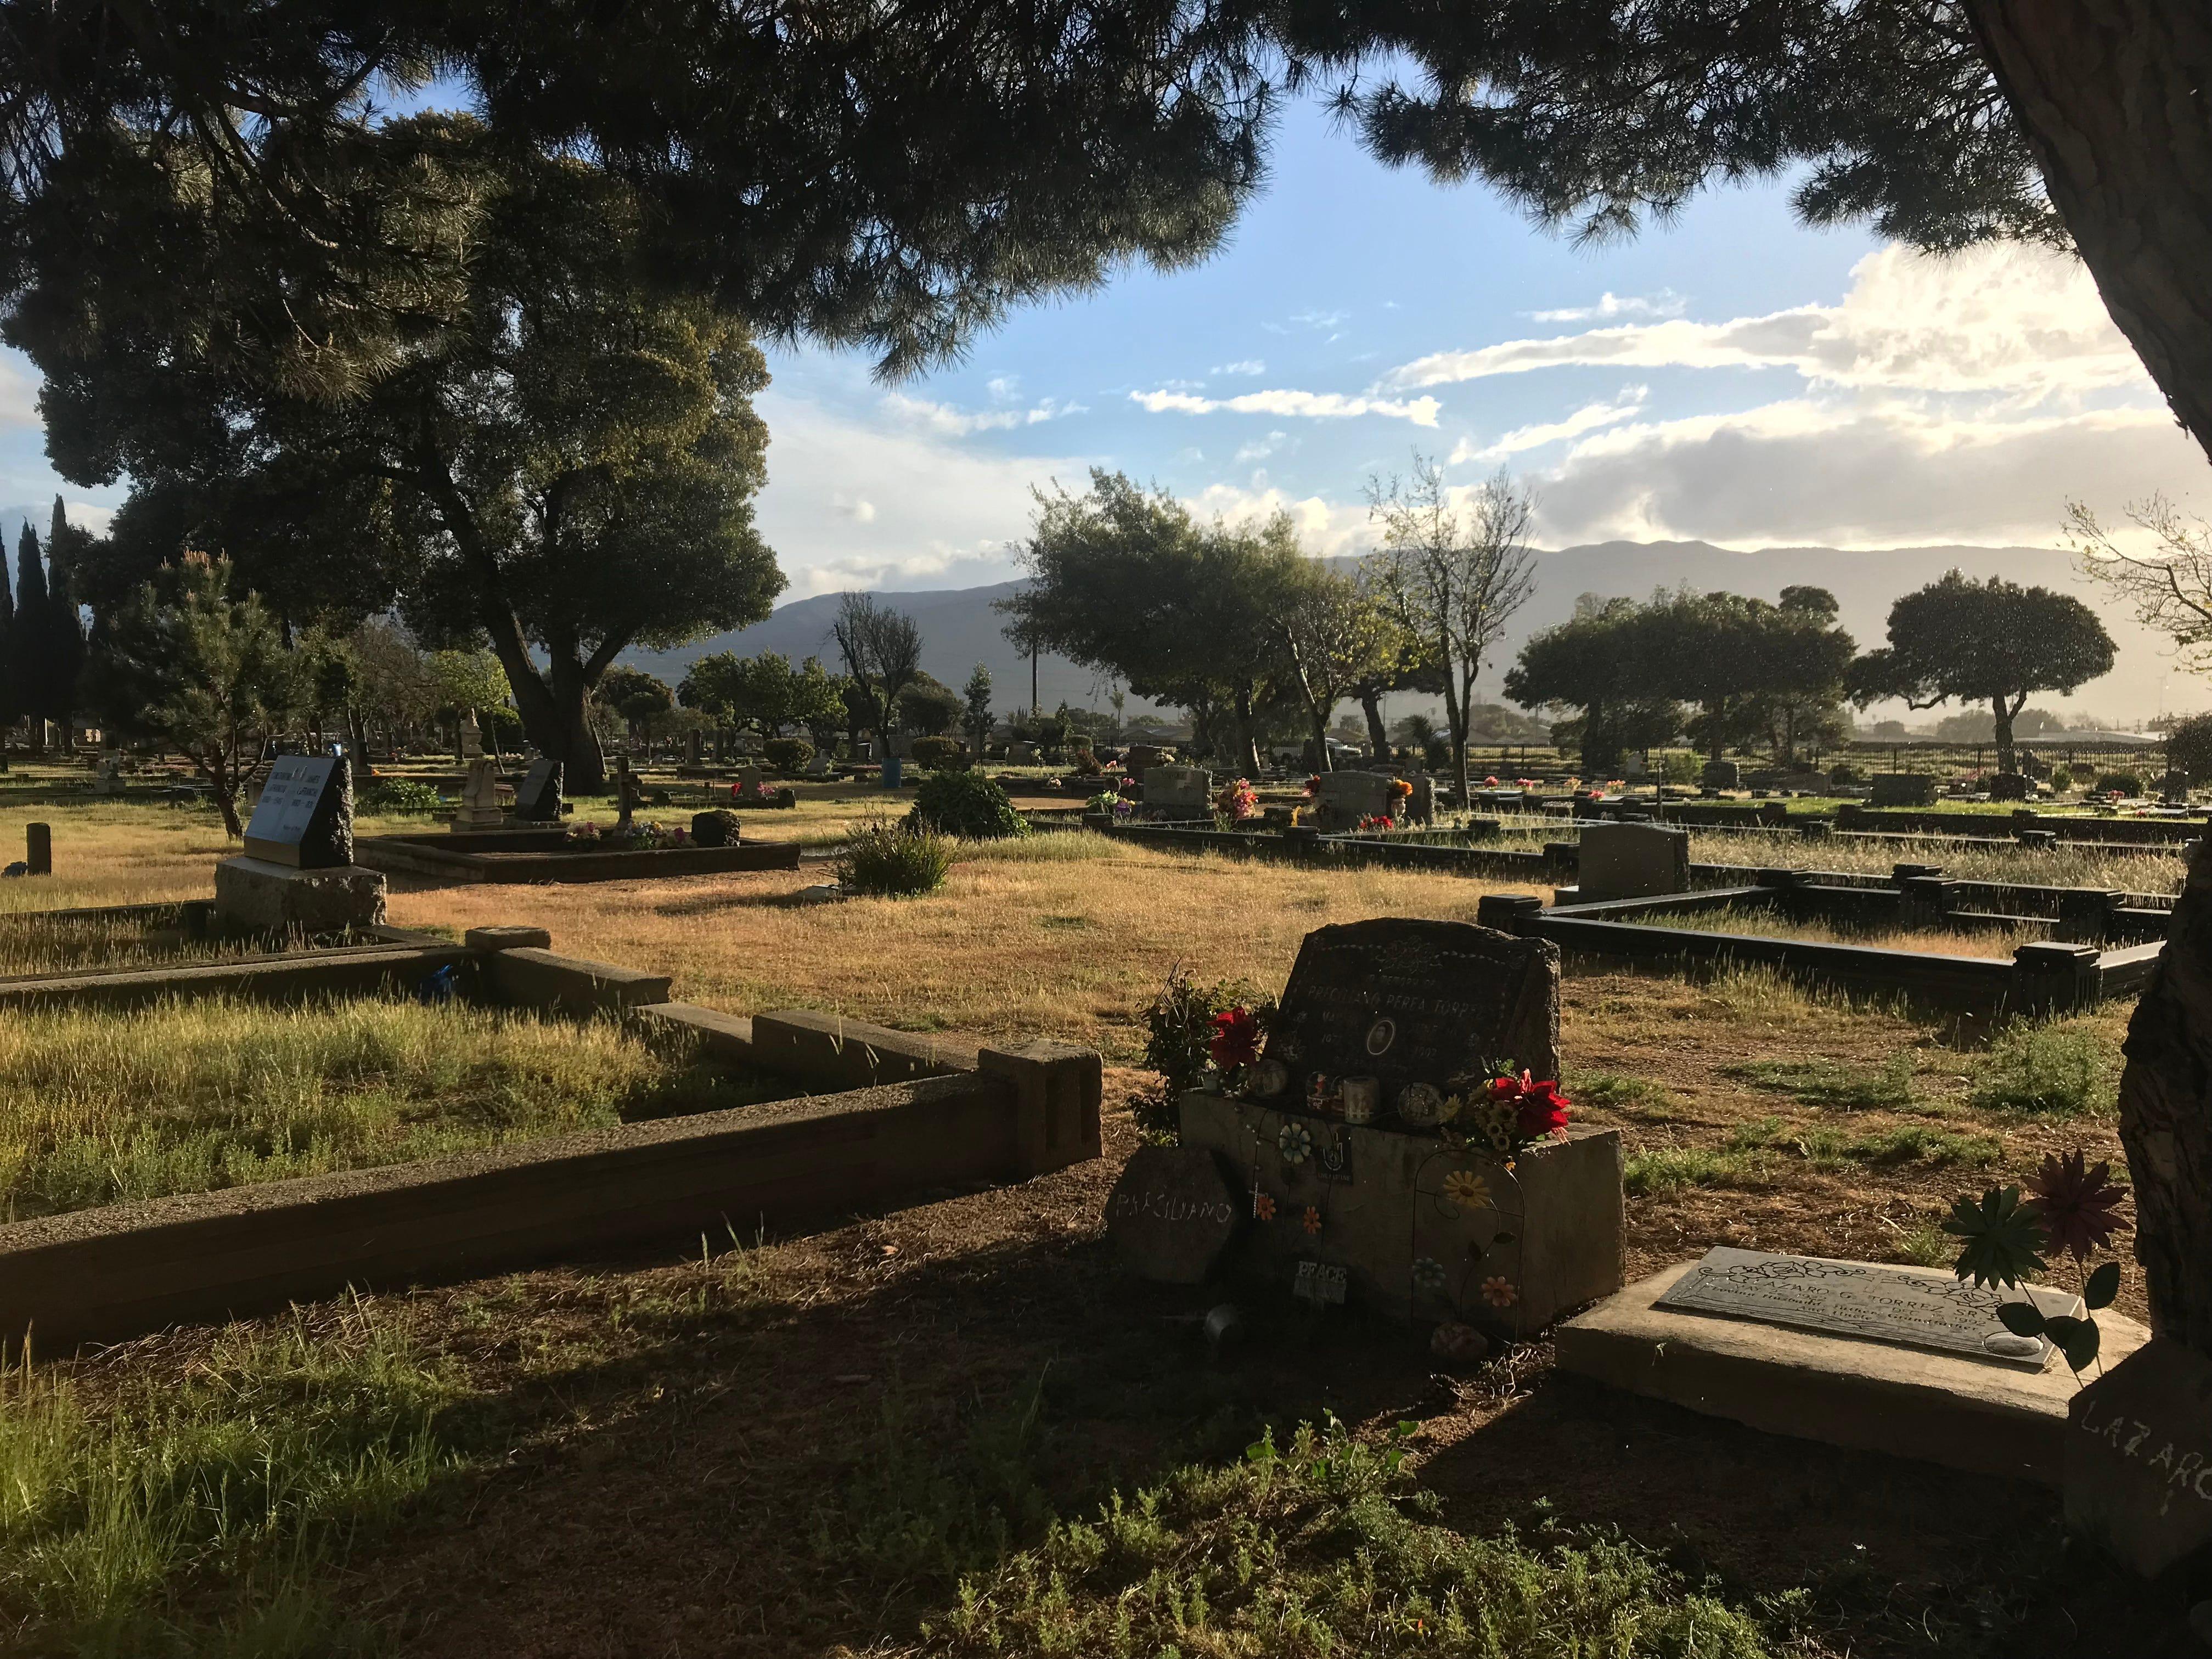 The grave of Preciliano Perea Perrez at the Soledad Cemetery.